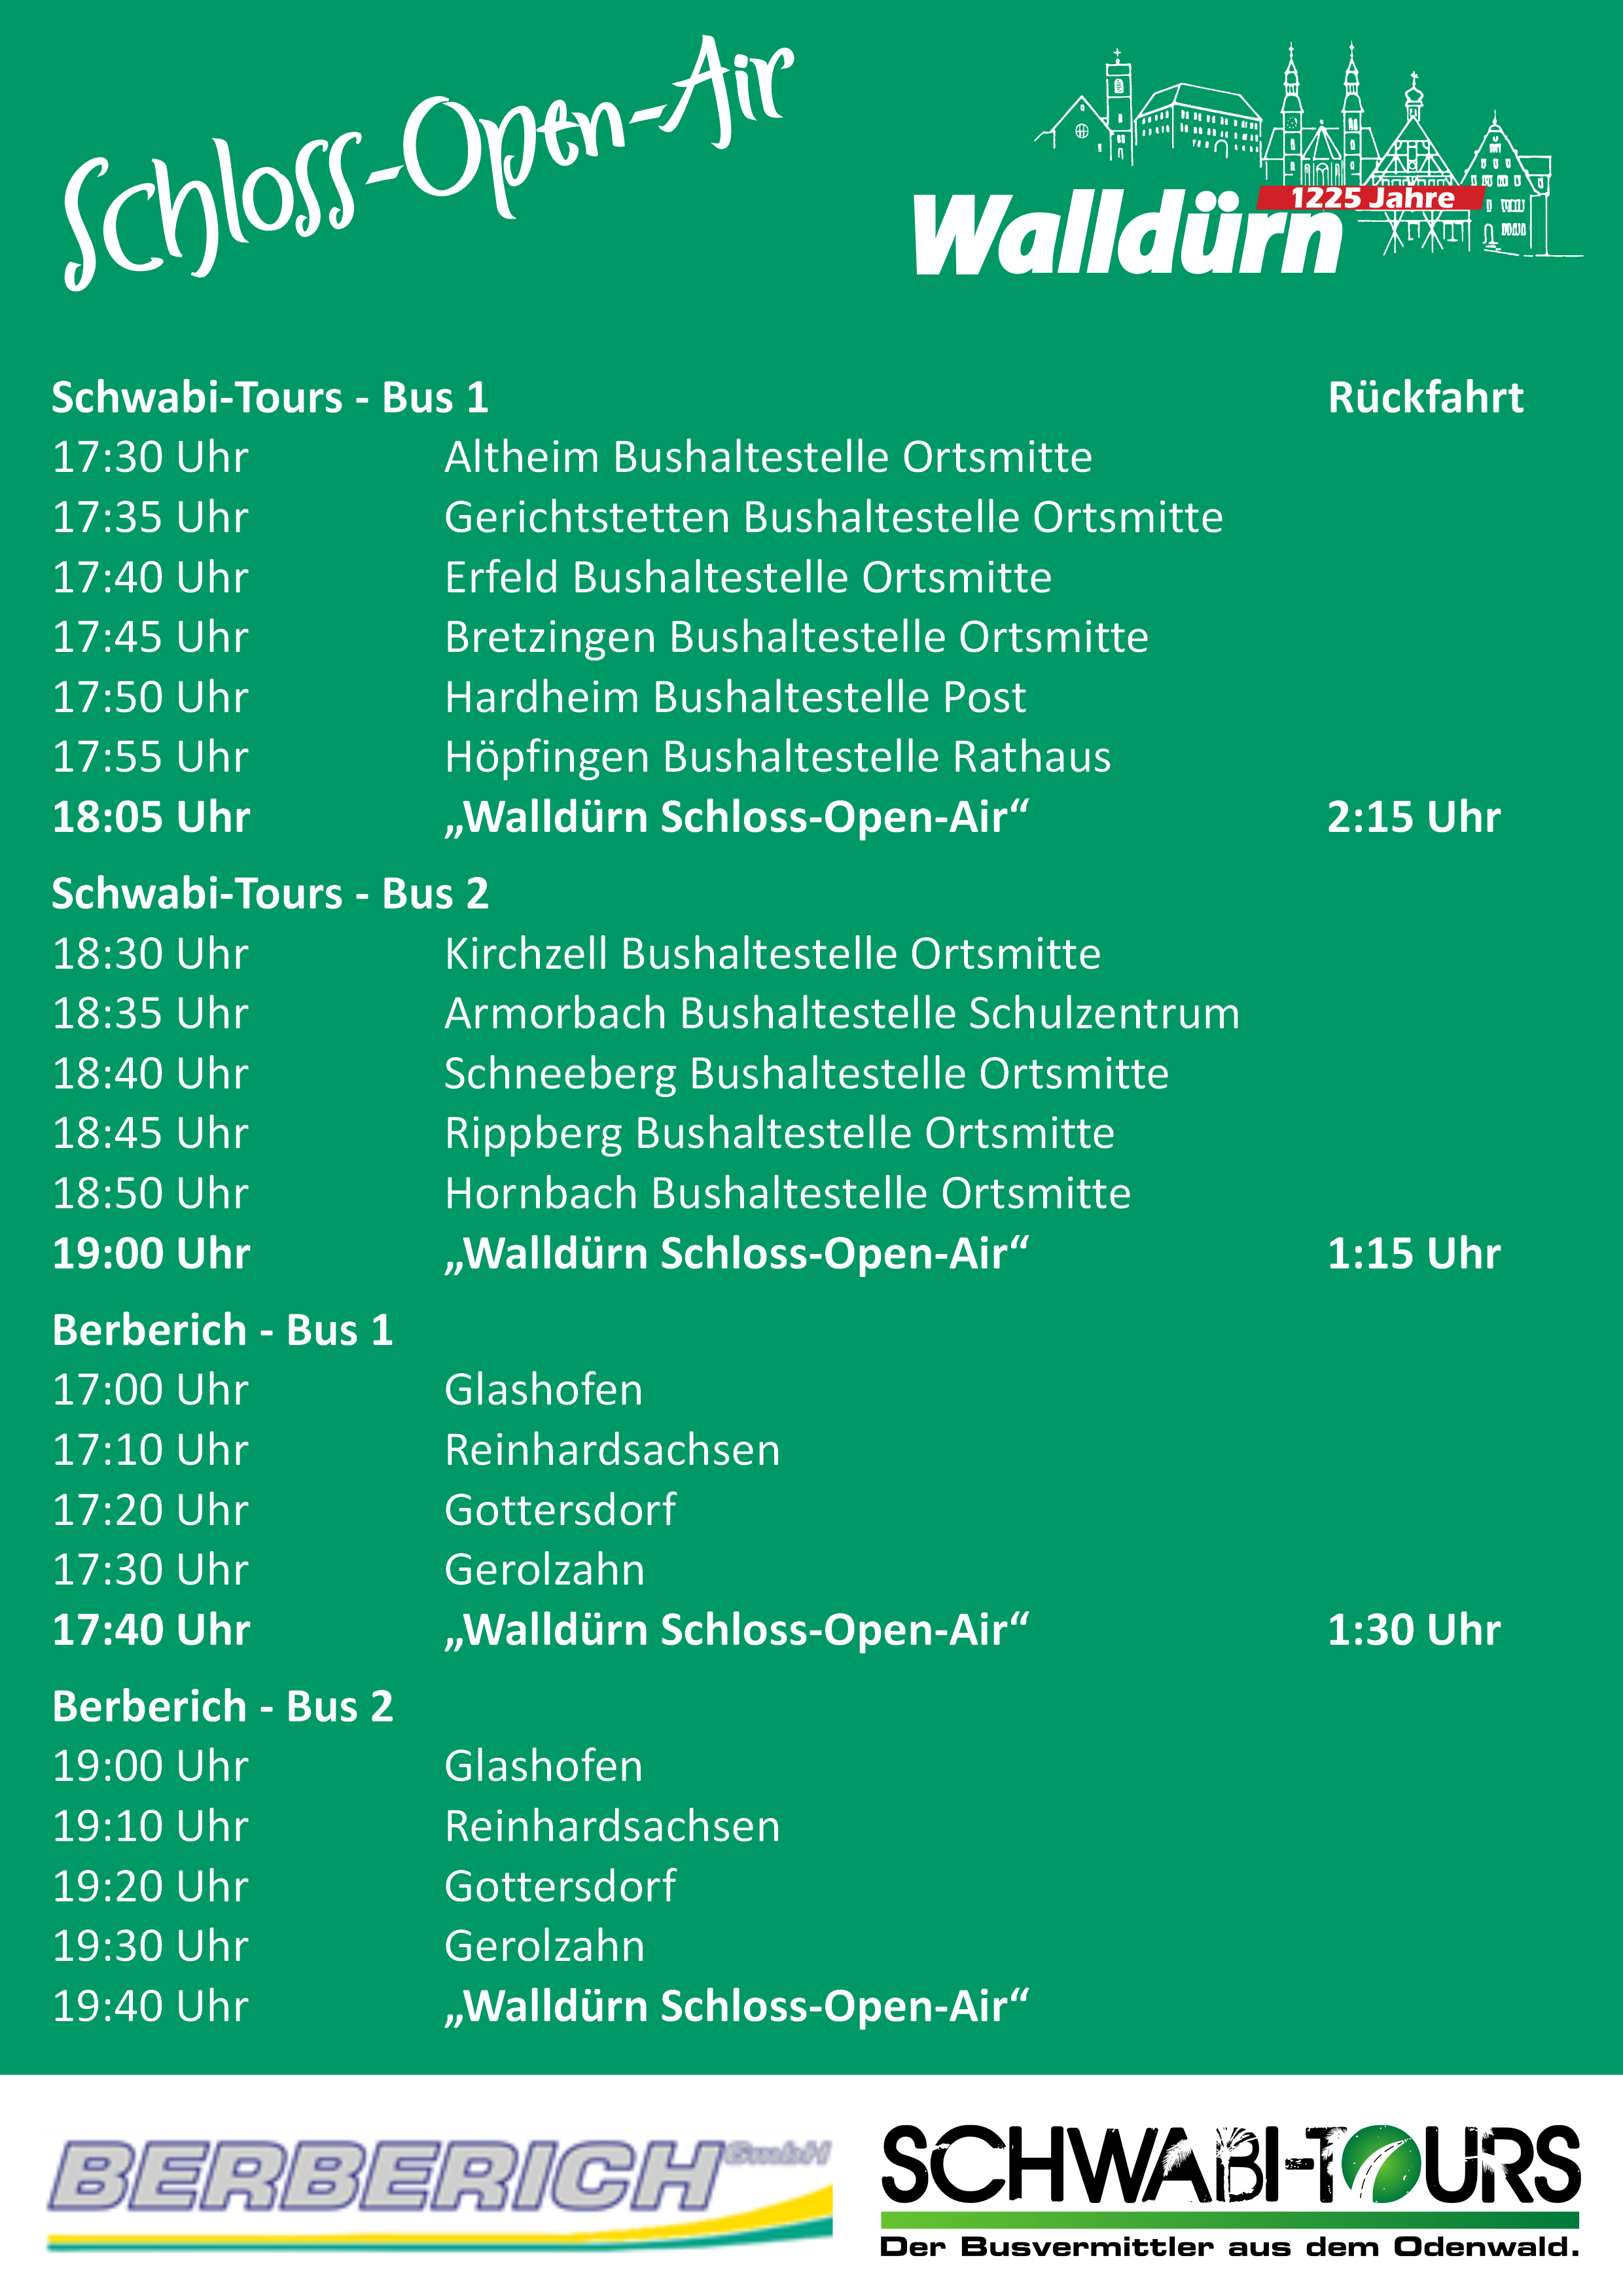 Schloss-Open-Air ShuttleService Fahrplan